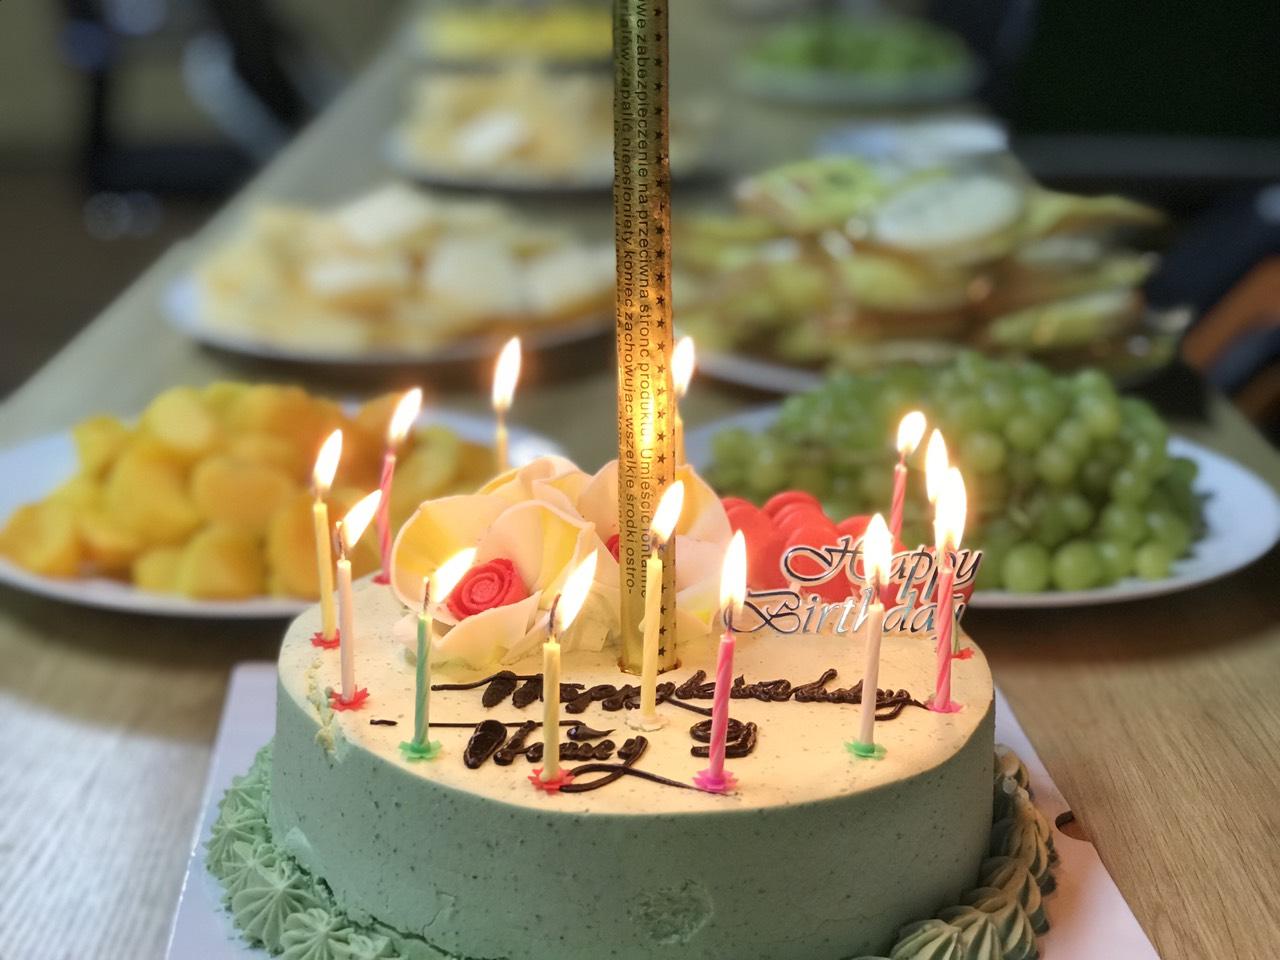 banh sinh nhat Từng bừng Đại tiệc Chúc Mừng Sinh Nhật Tháng 9